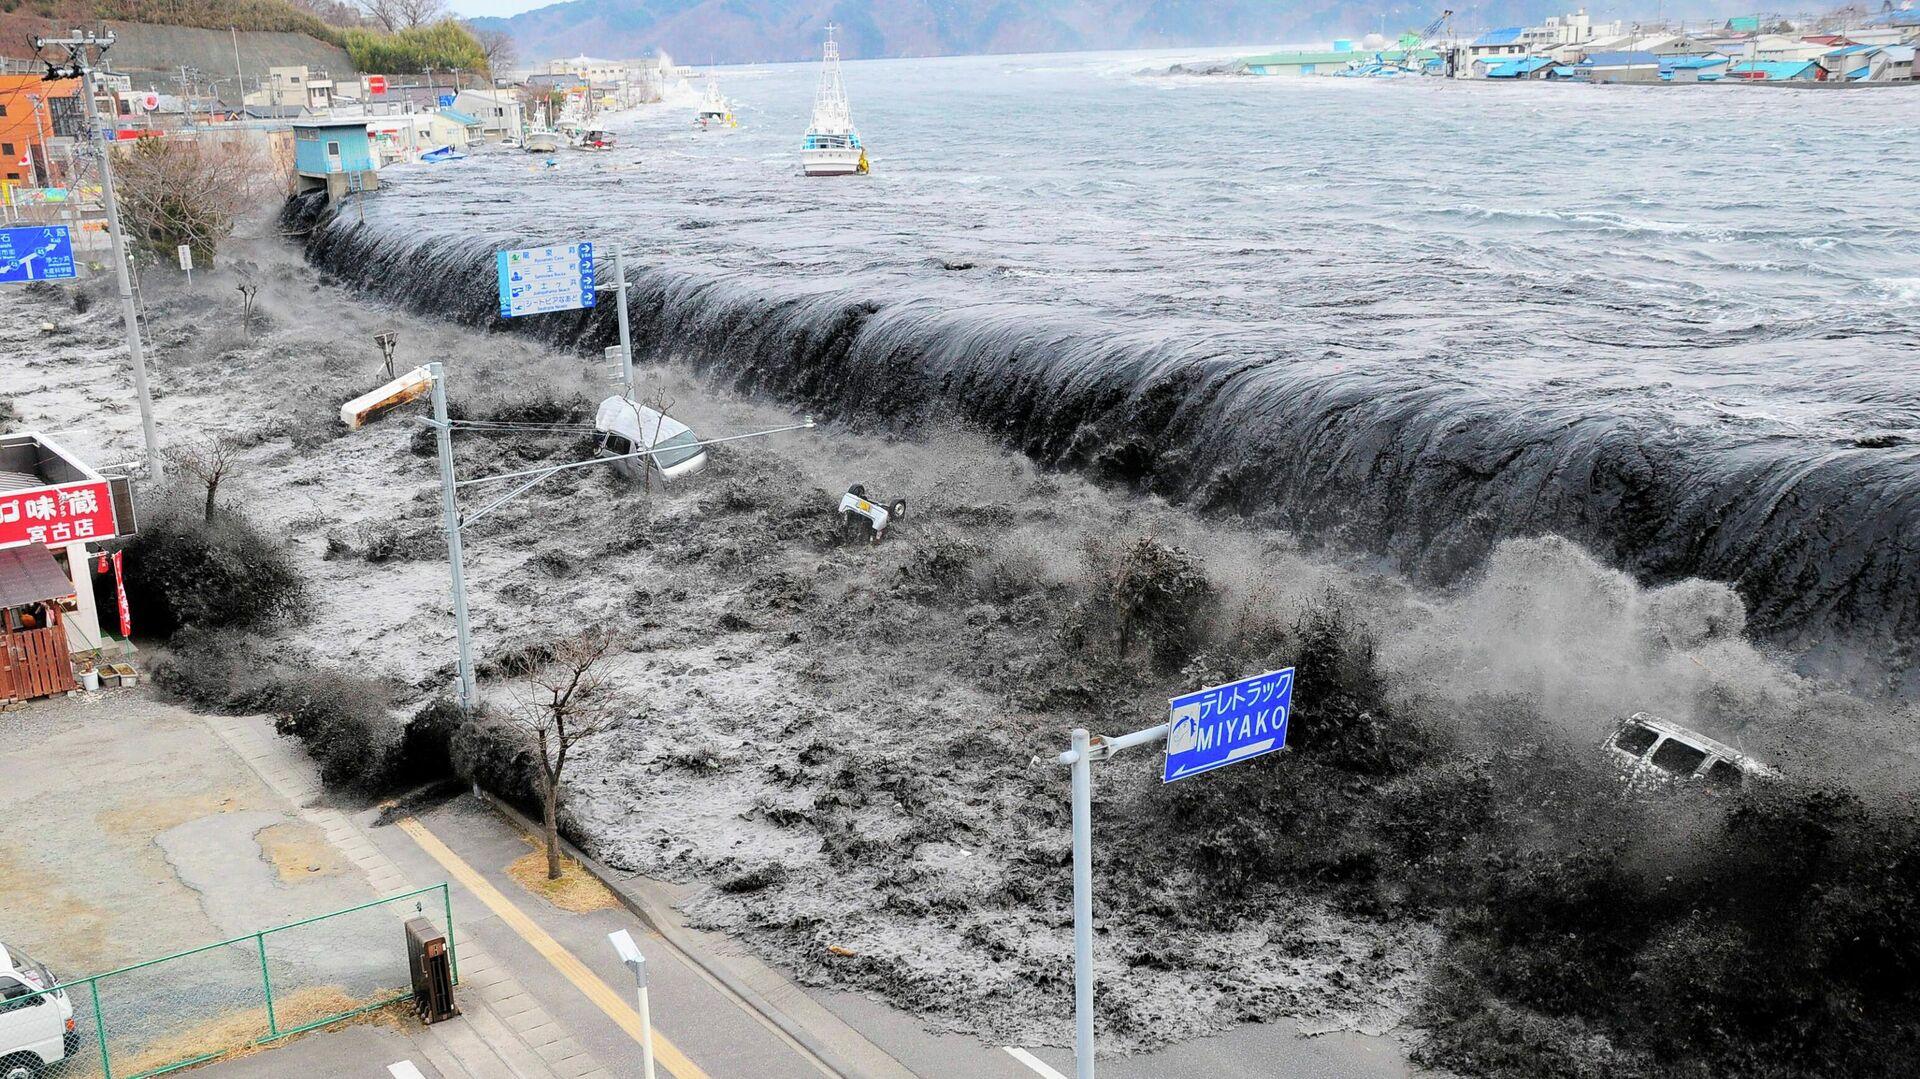 Волна приближается к городу Мияко в префектуре Иватэ после землетрясения магнитудой 8,9, произошедшего в этом районе 11 марта 2011 года - РИА Новости, 1920, 11.03.2021